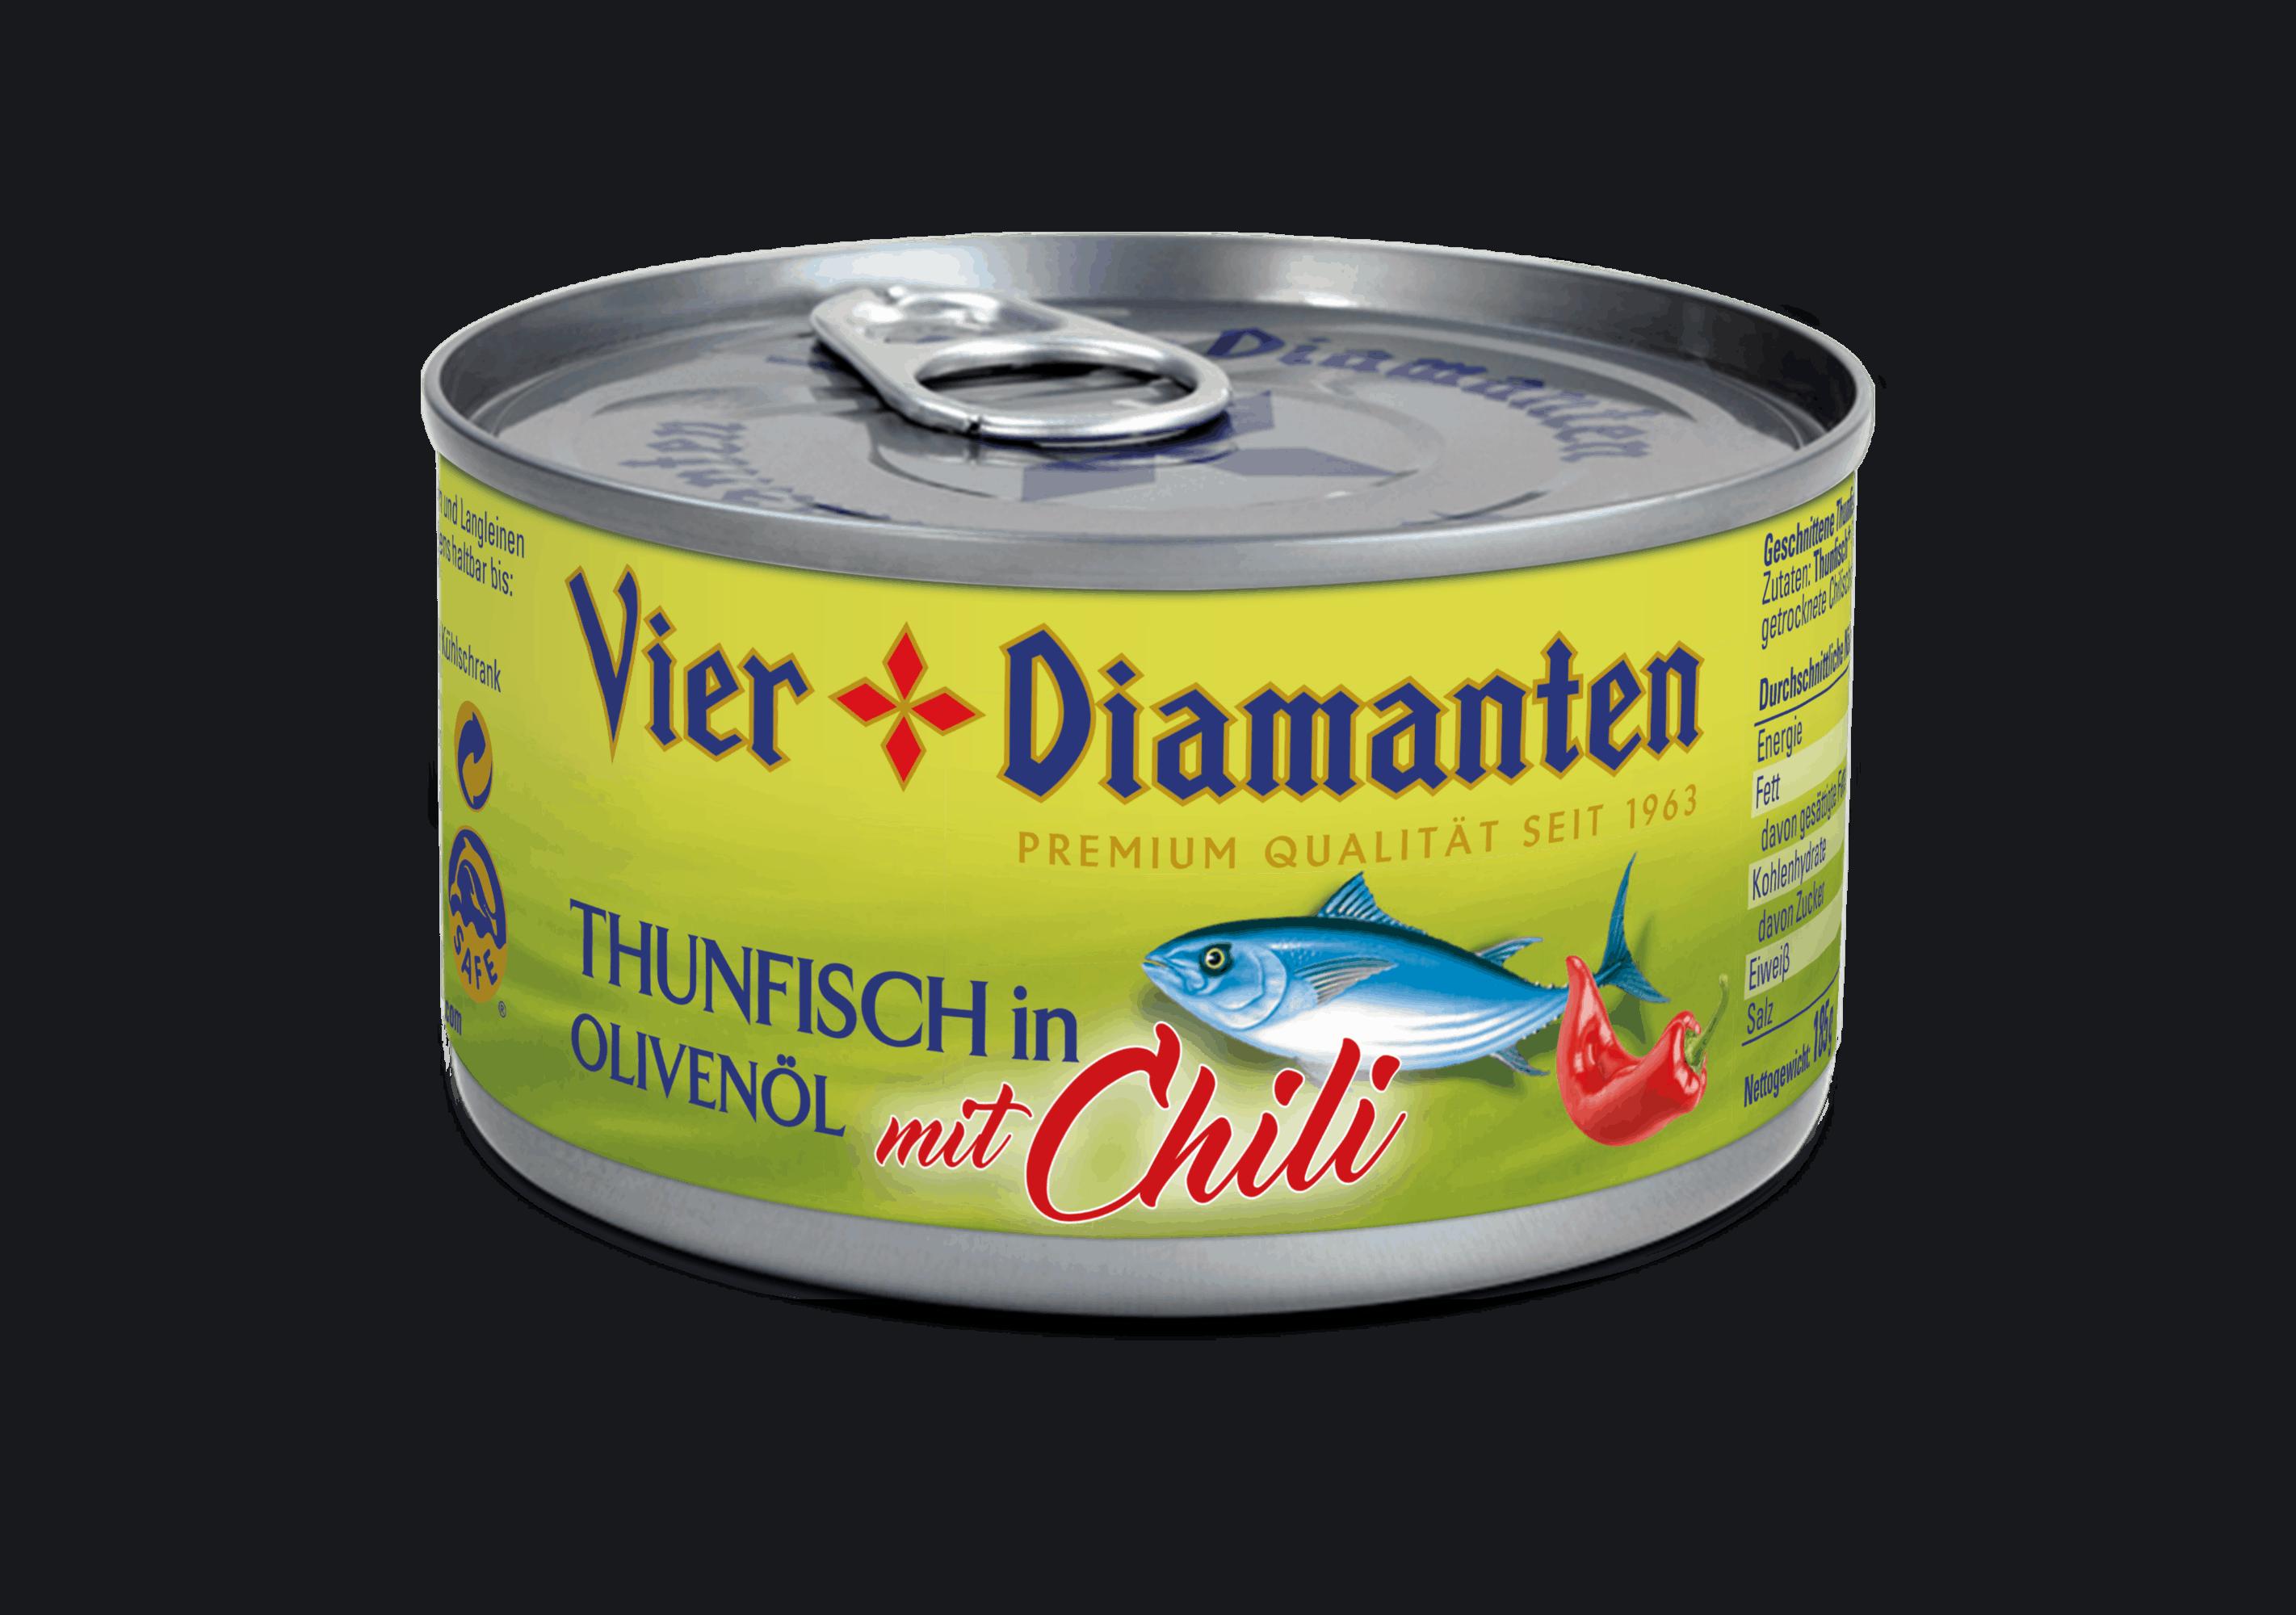 Vier-Diamanten-Thunfisch-in-Olivenöl-mit-Chilli